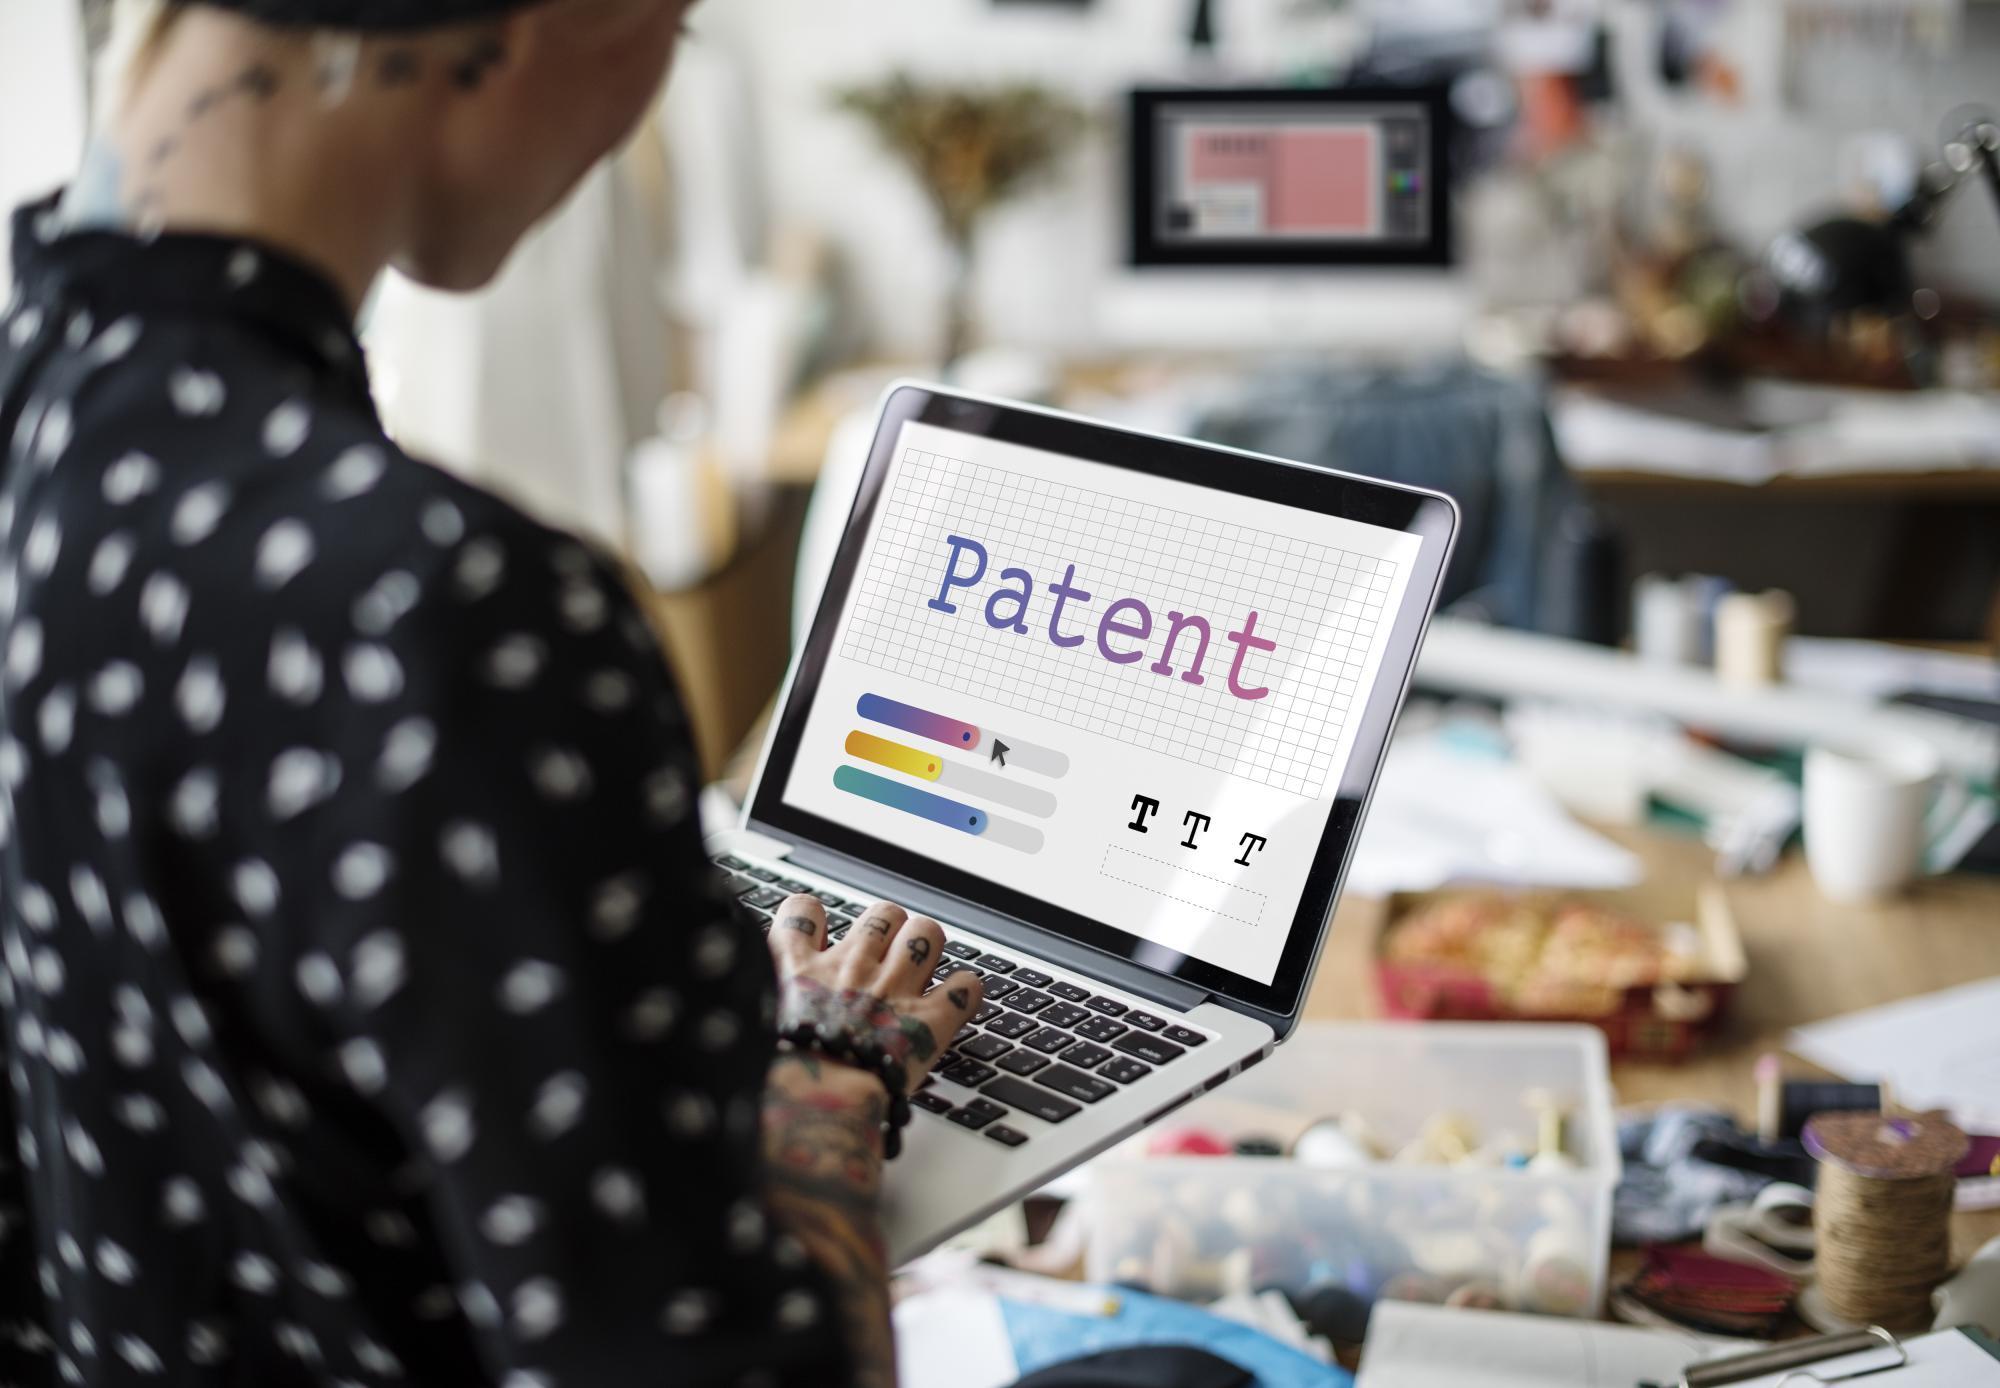 Индивидуальные предприниматели, применяющие патентную систему налогообложения, вправе не применять ККТ